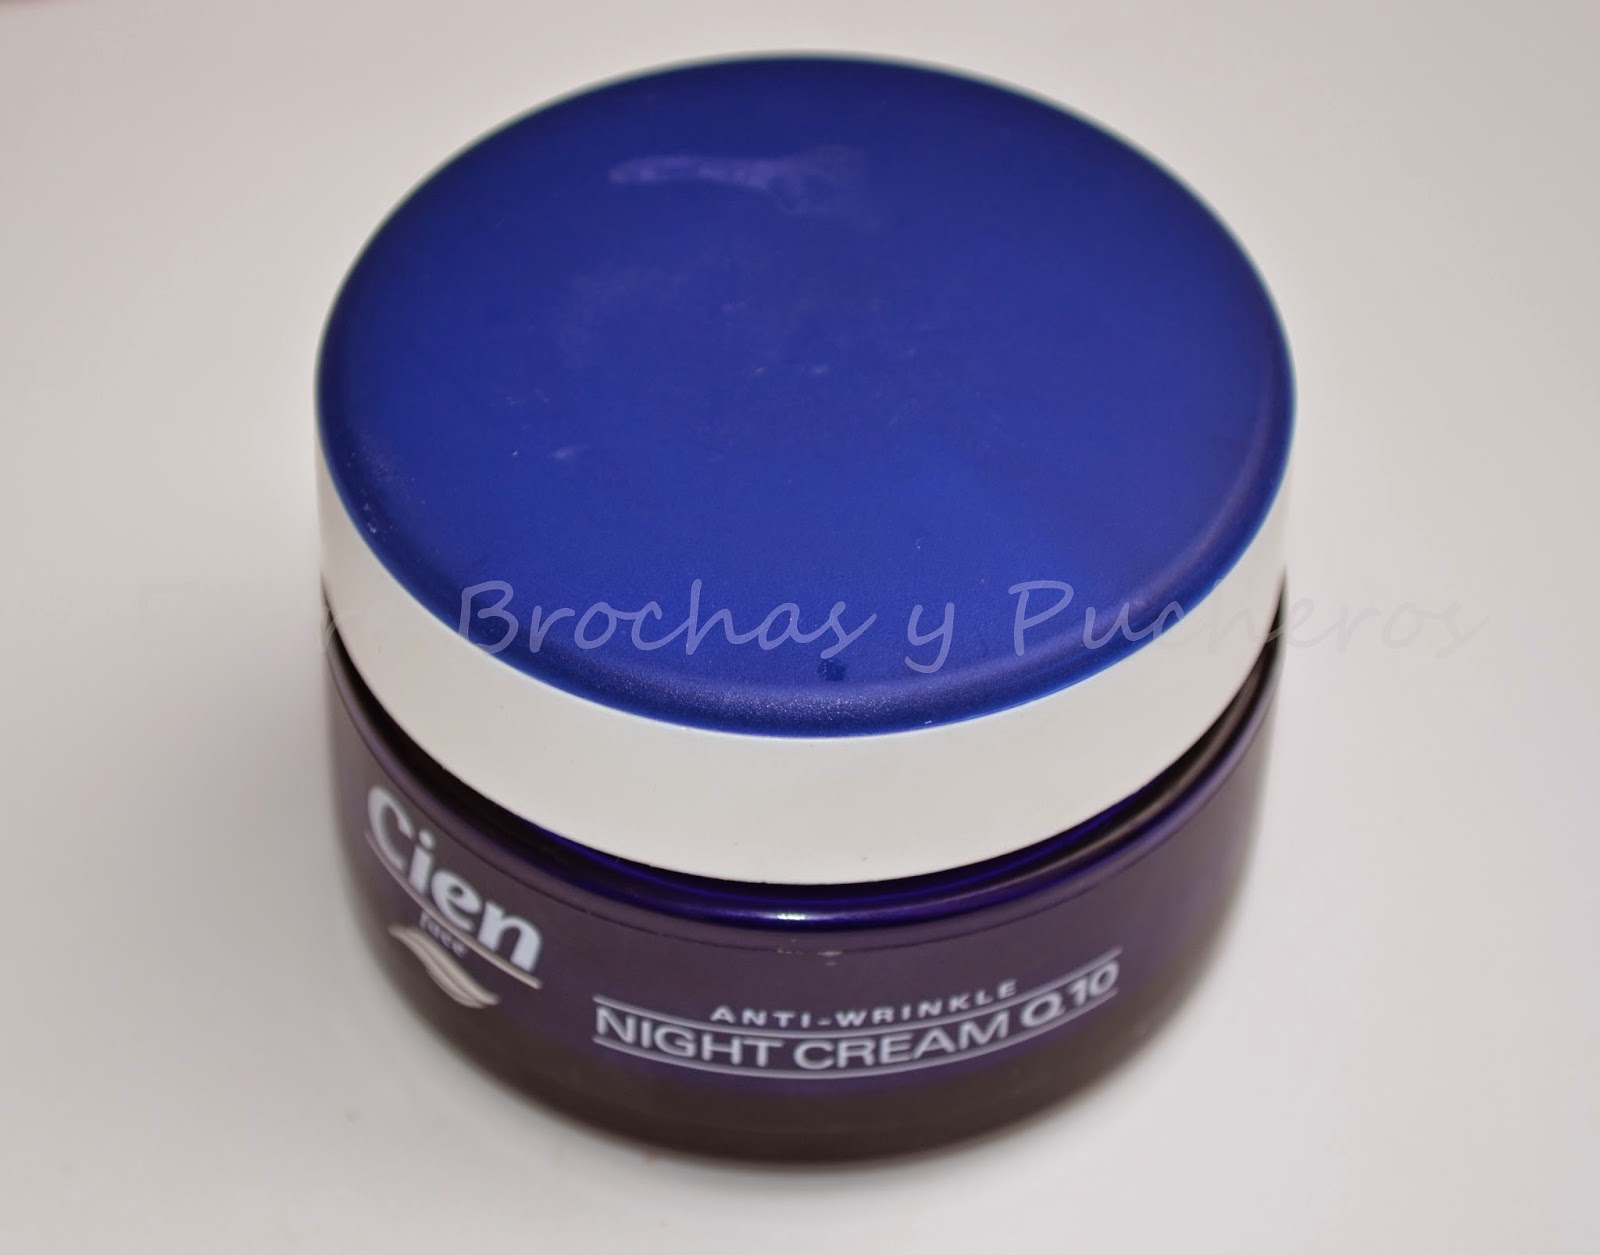 Entre brochas y pucheros review de la crema anti arrugas de noche q10 de la marca cien - Thermomix del lidl precio ...